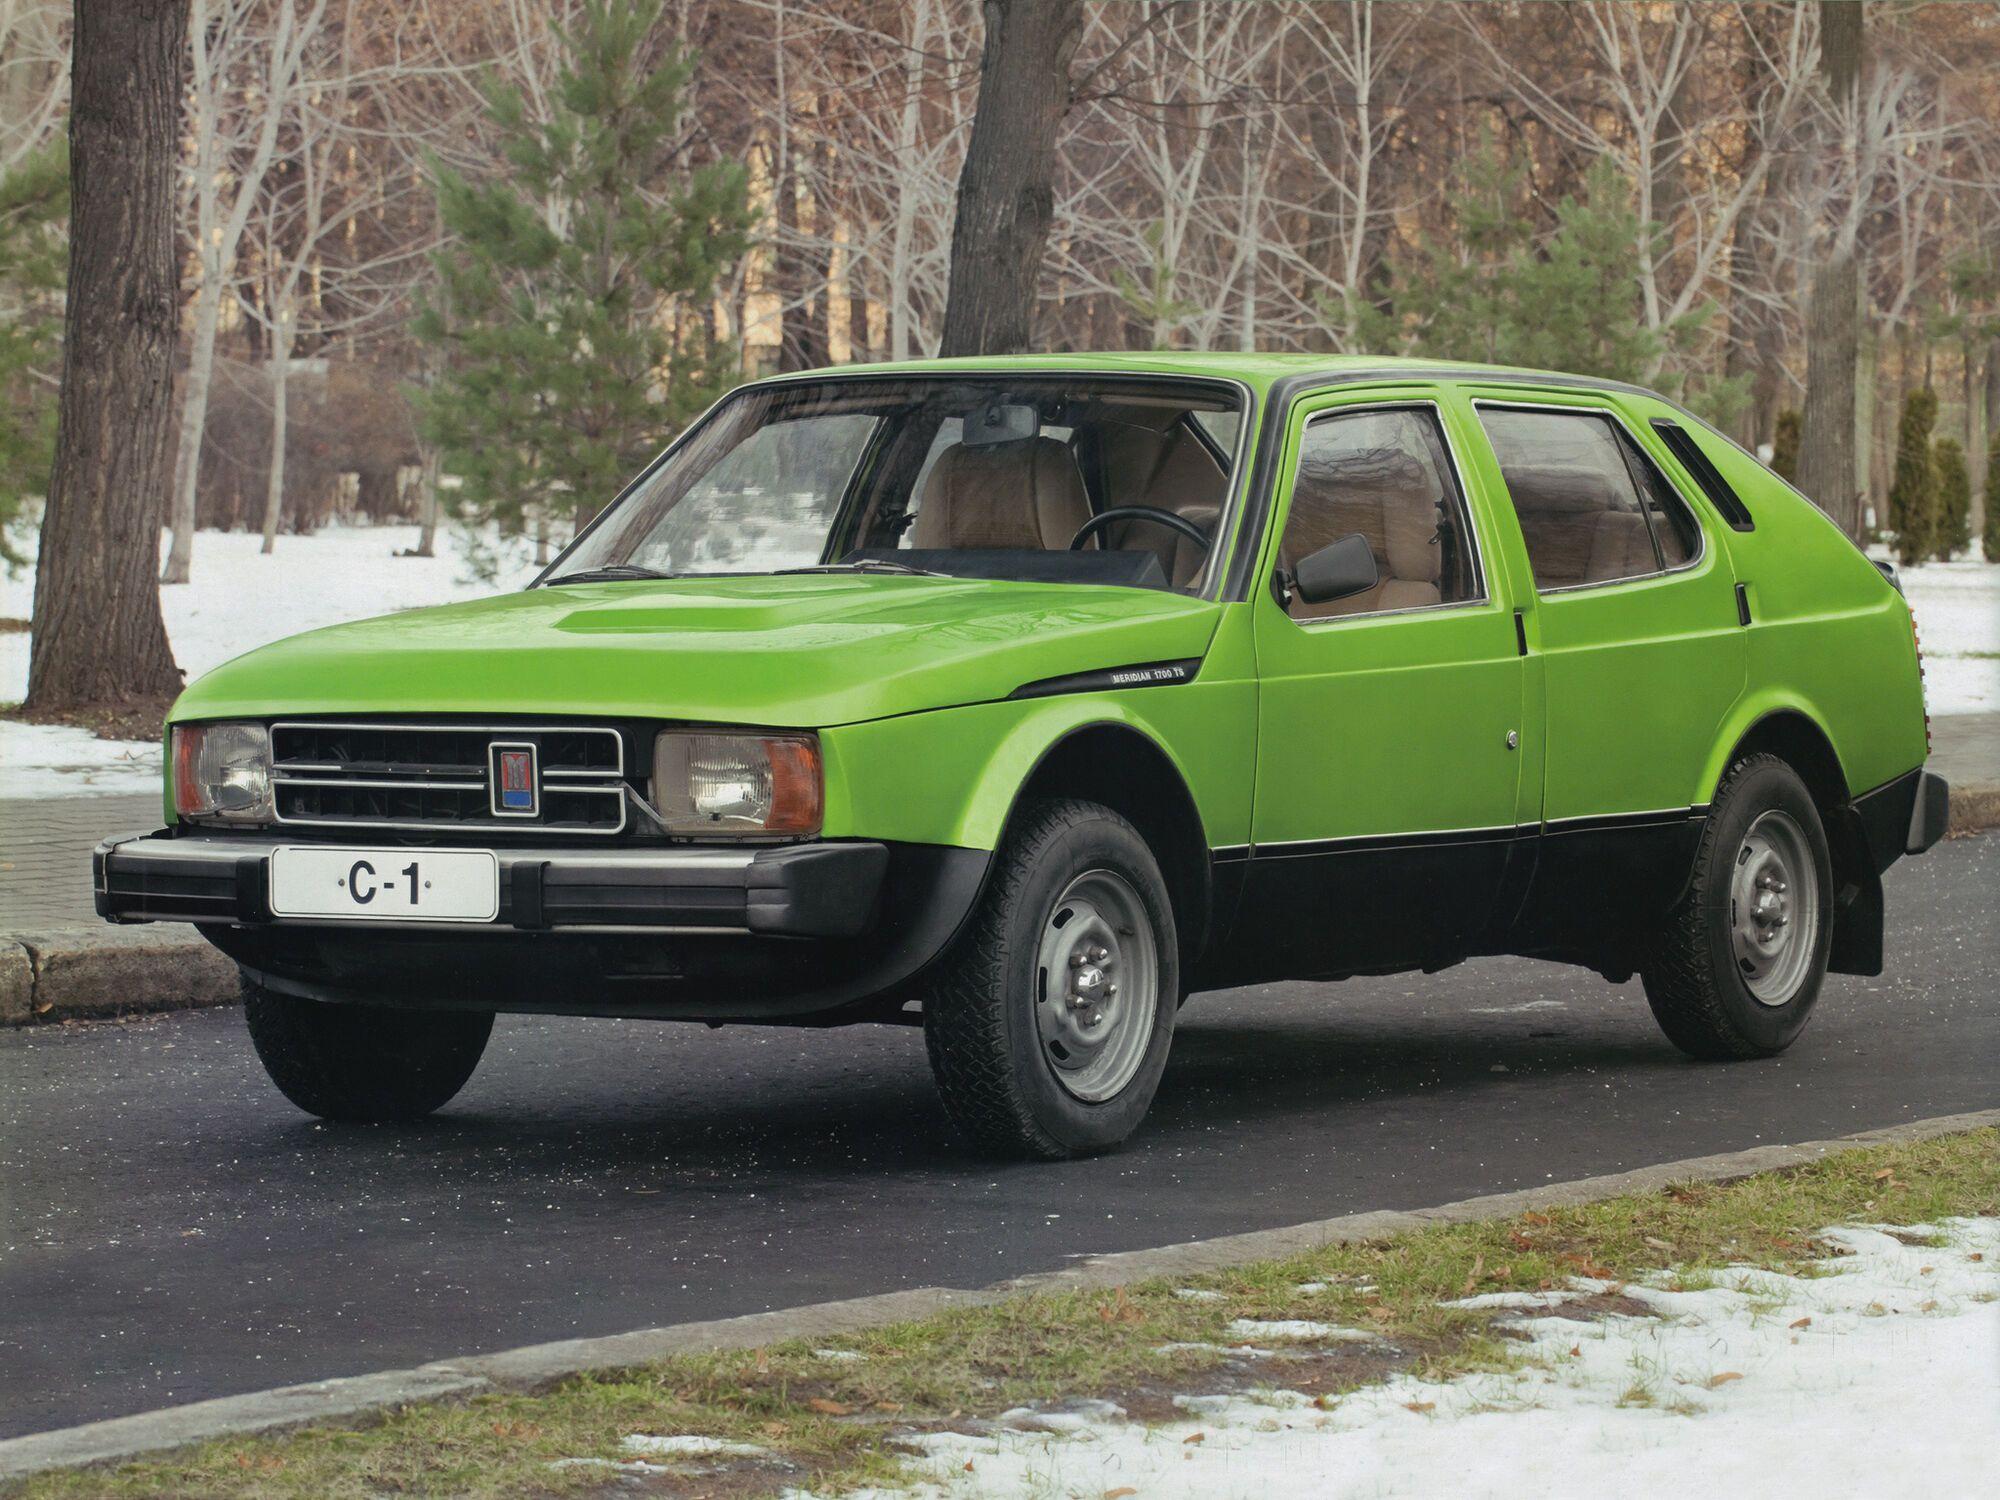 """Опытный образец """"Москвич-С1"""" 1975 г."""